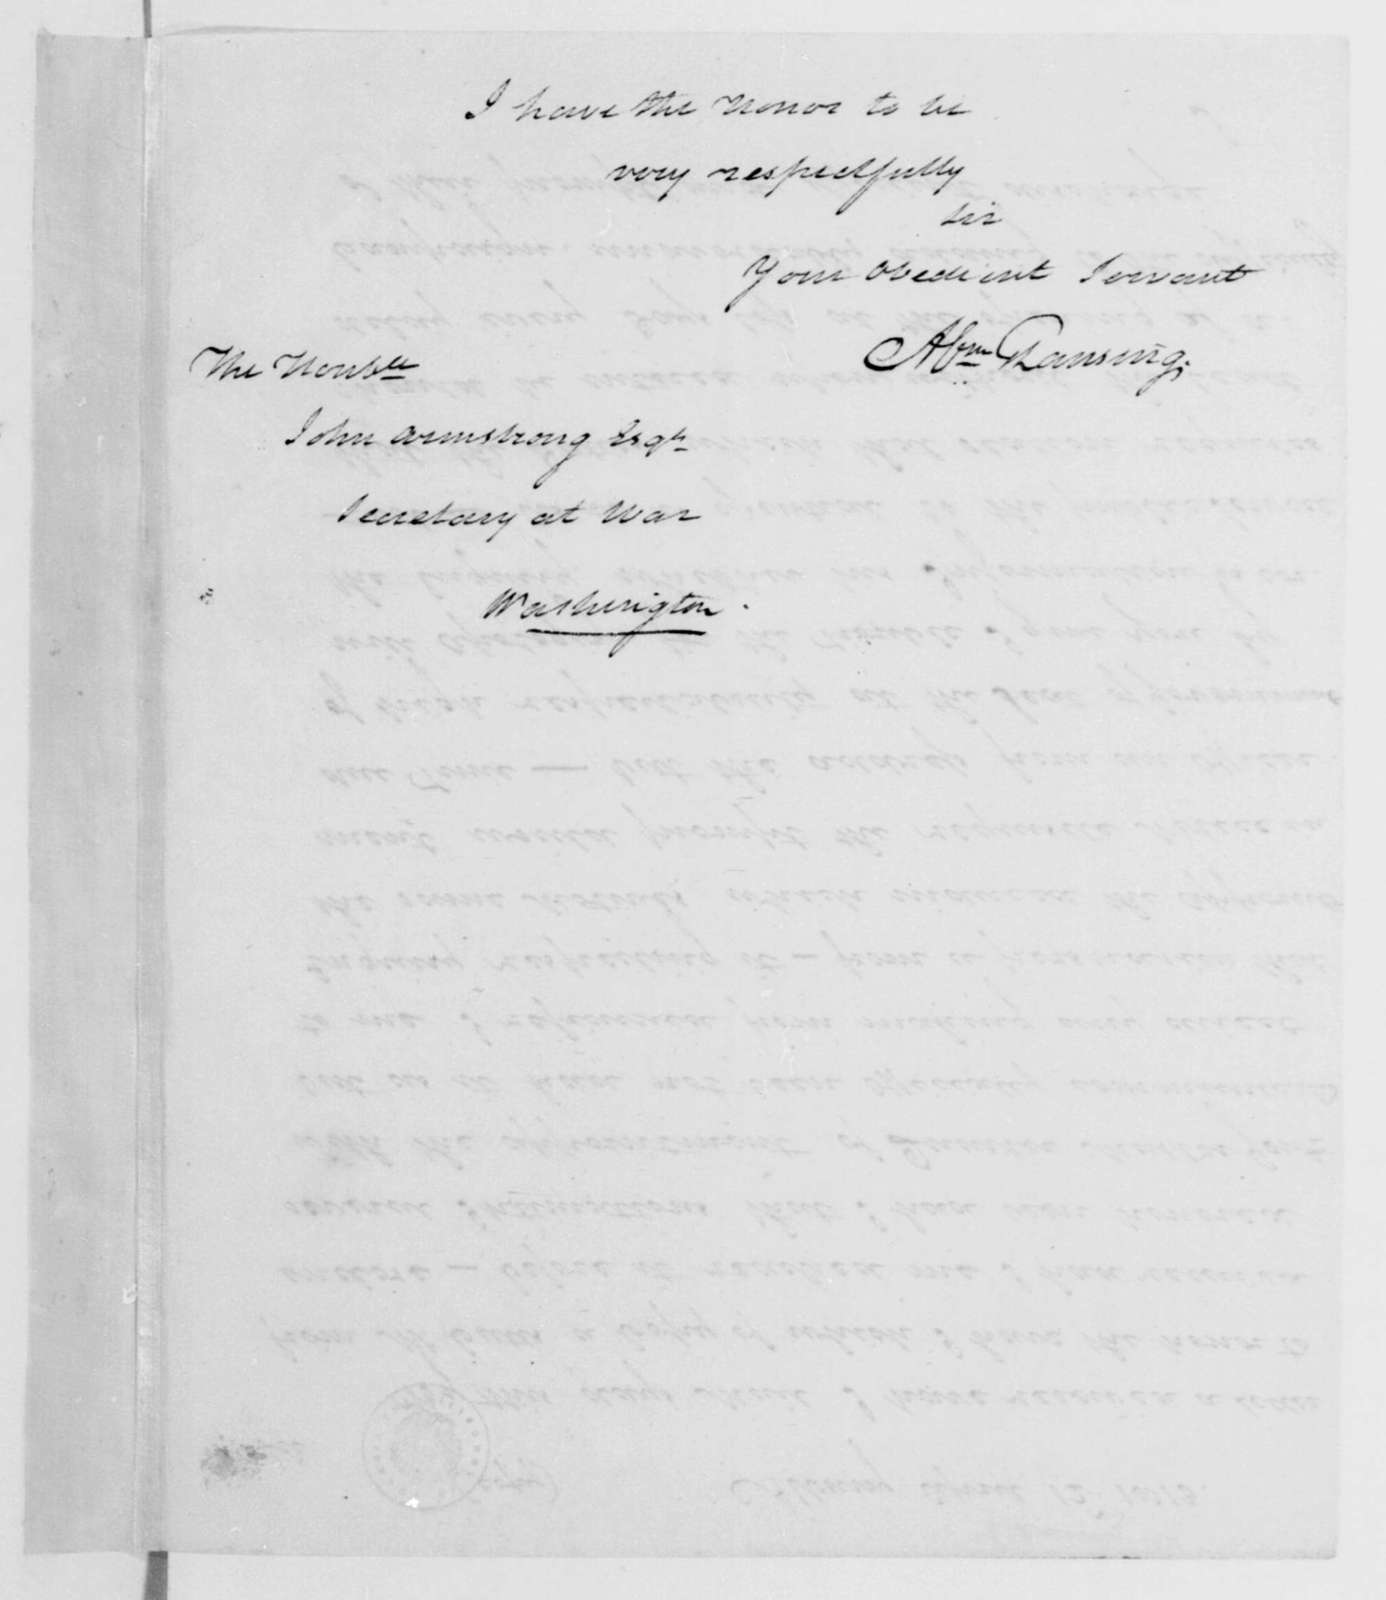 Abraham G. Lansing to John Armstrong, April 12, 1813.